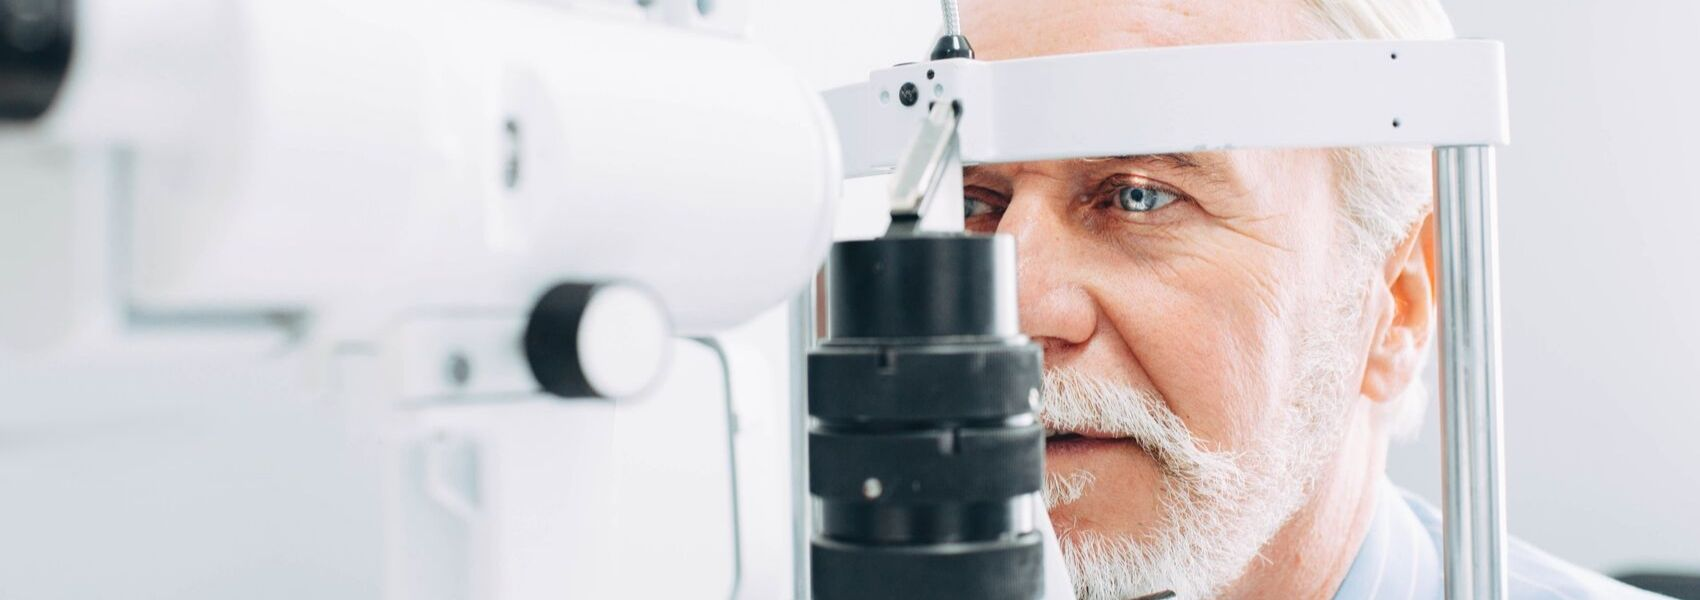 Exame ocular pode diagnosticar a doença de Alzheimer